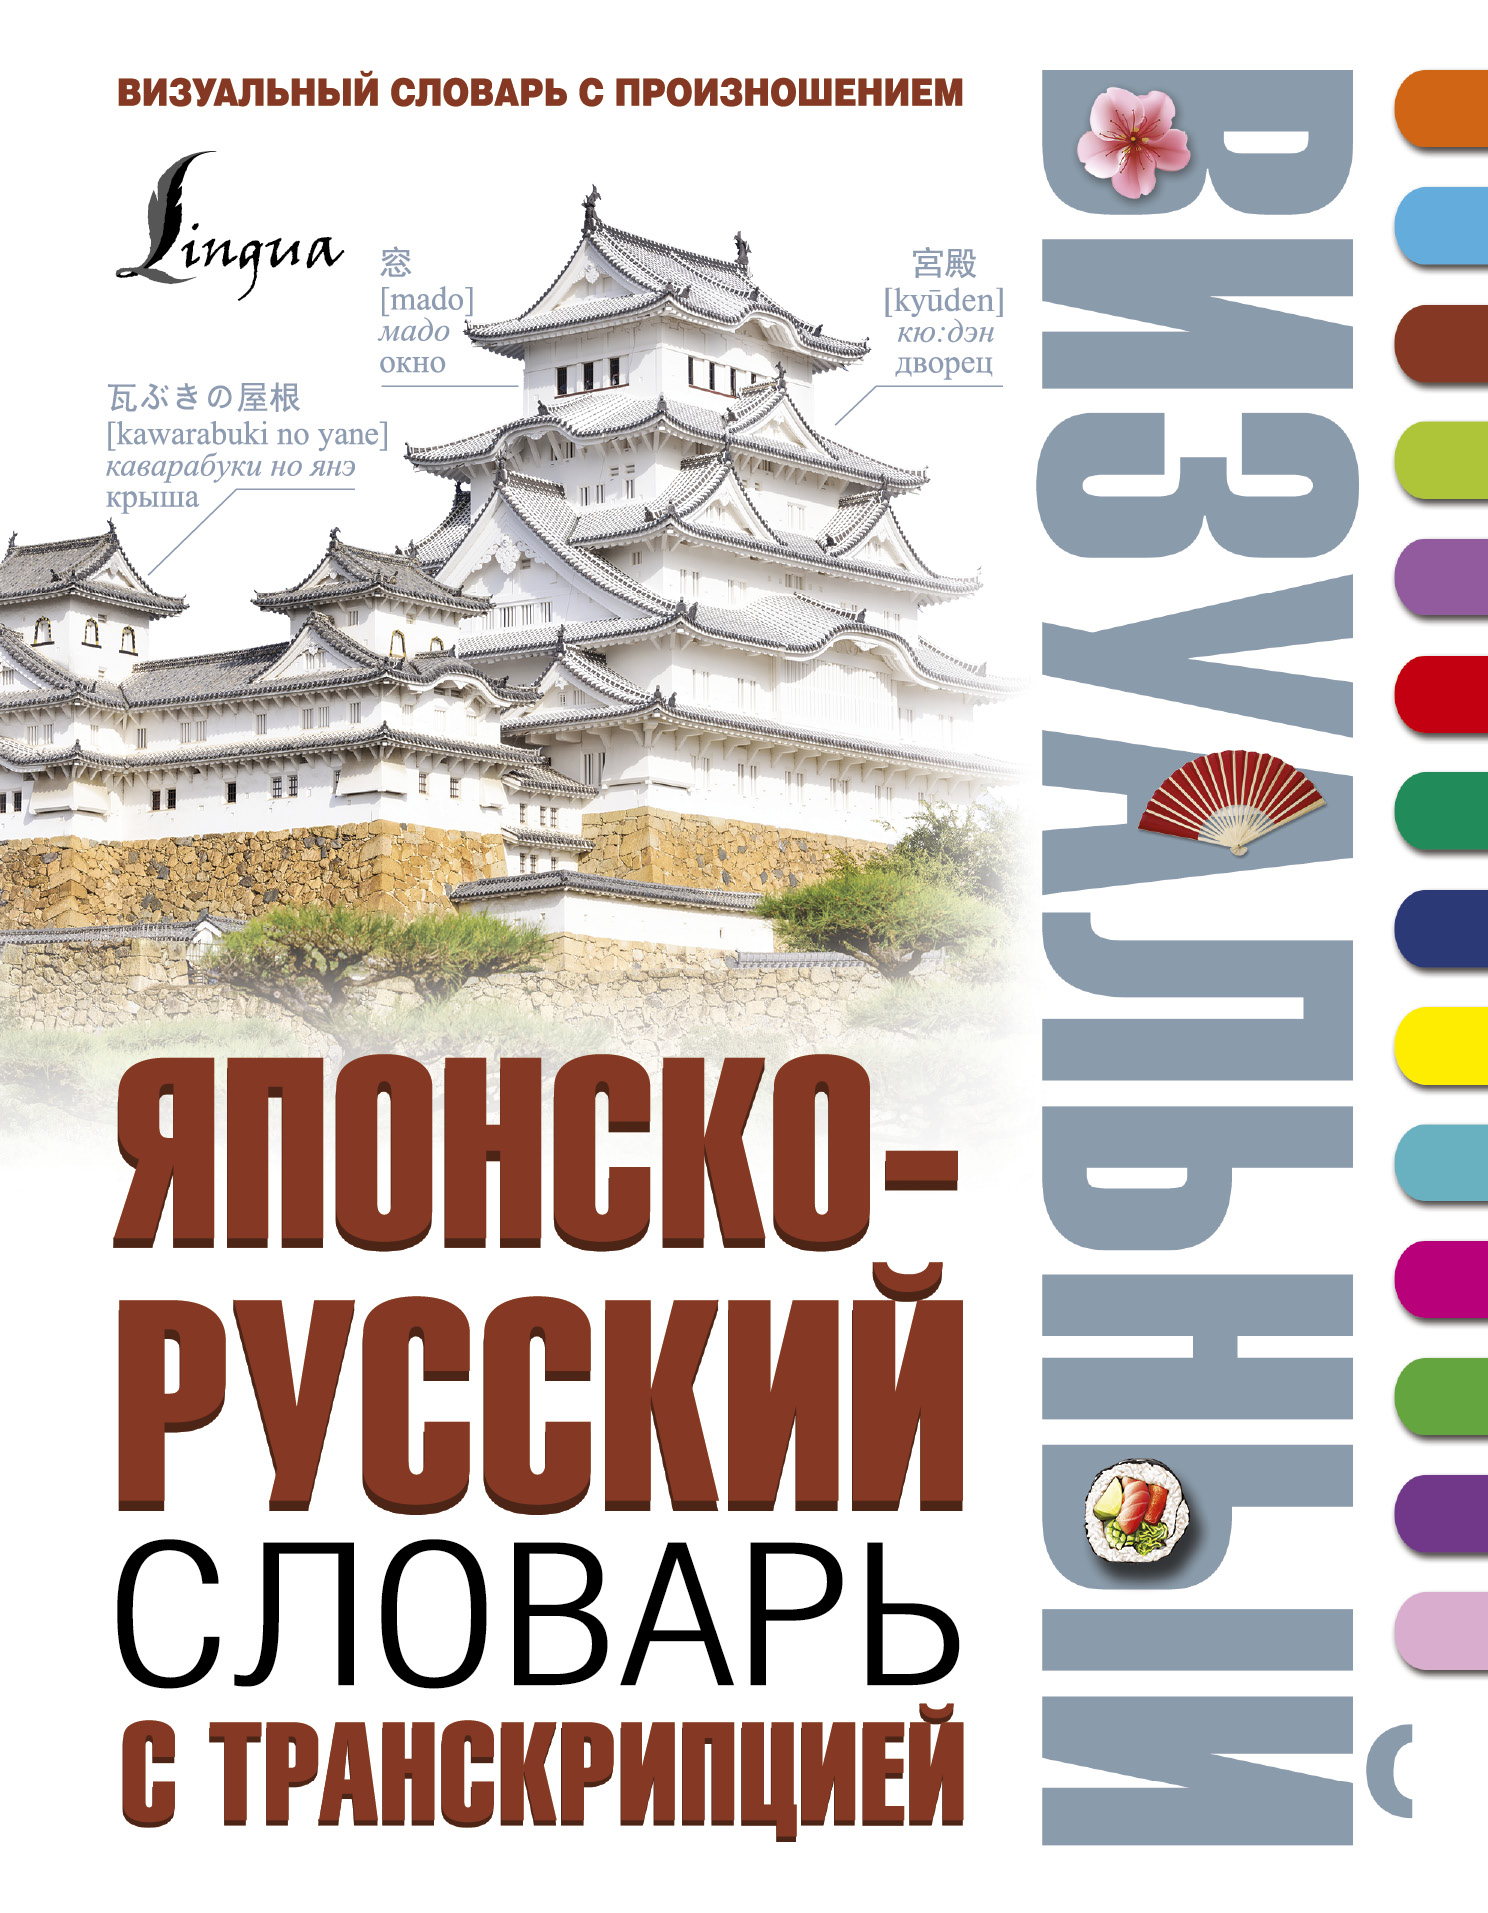 . Японско-русский визуальный словарь с транскрипцией англо русский визуальный словарь с транскрипцией